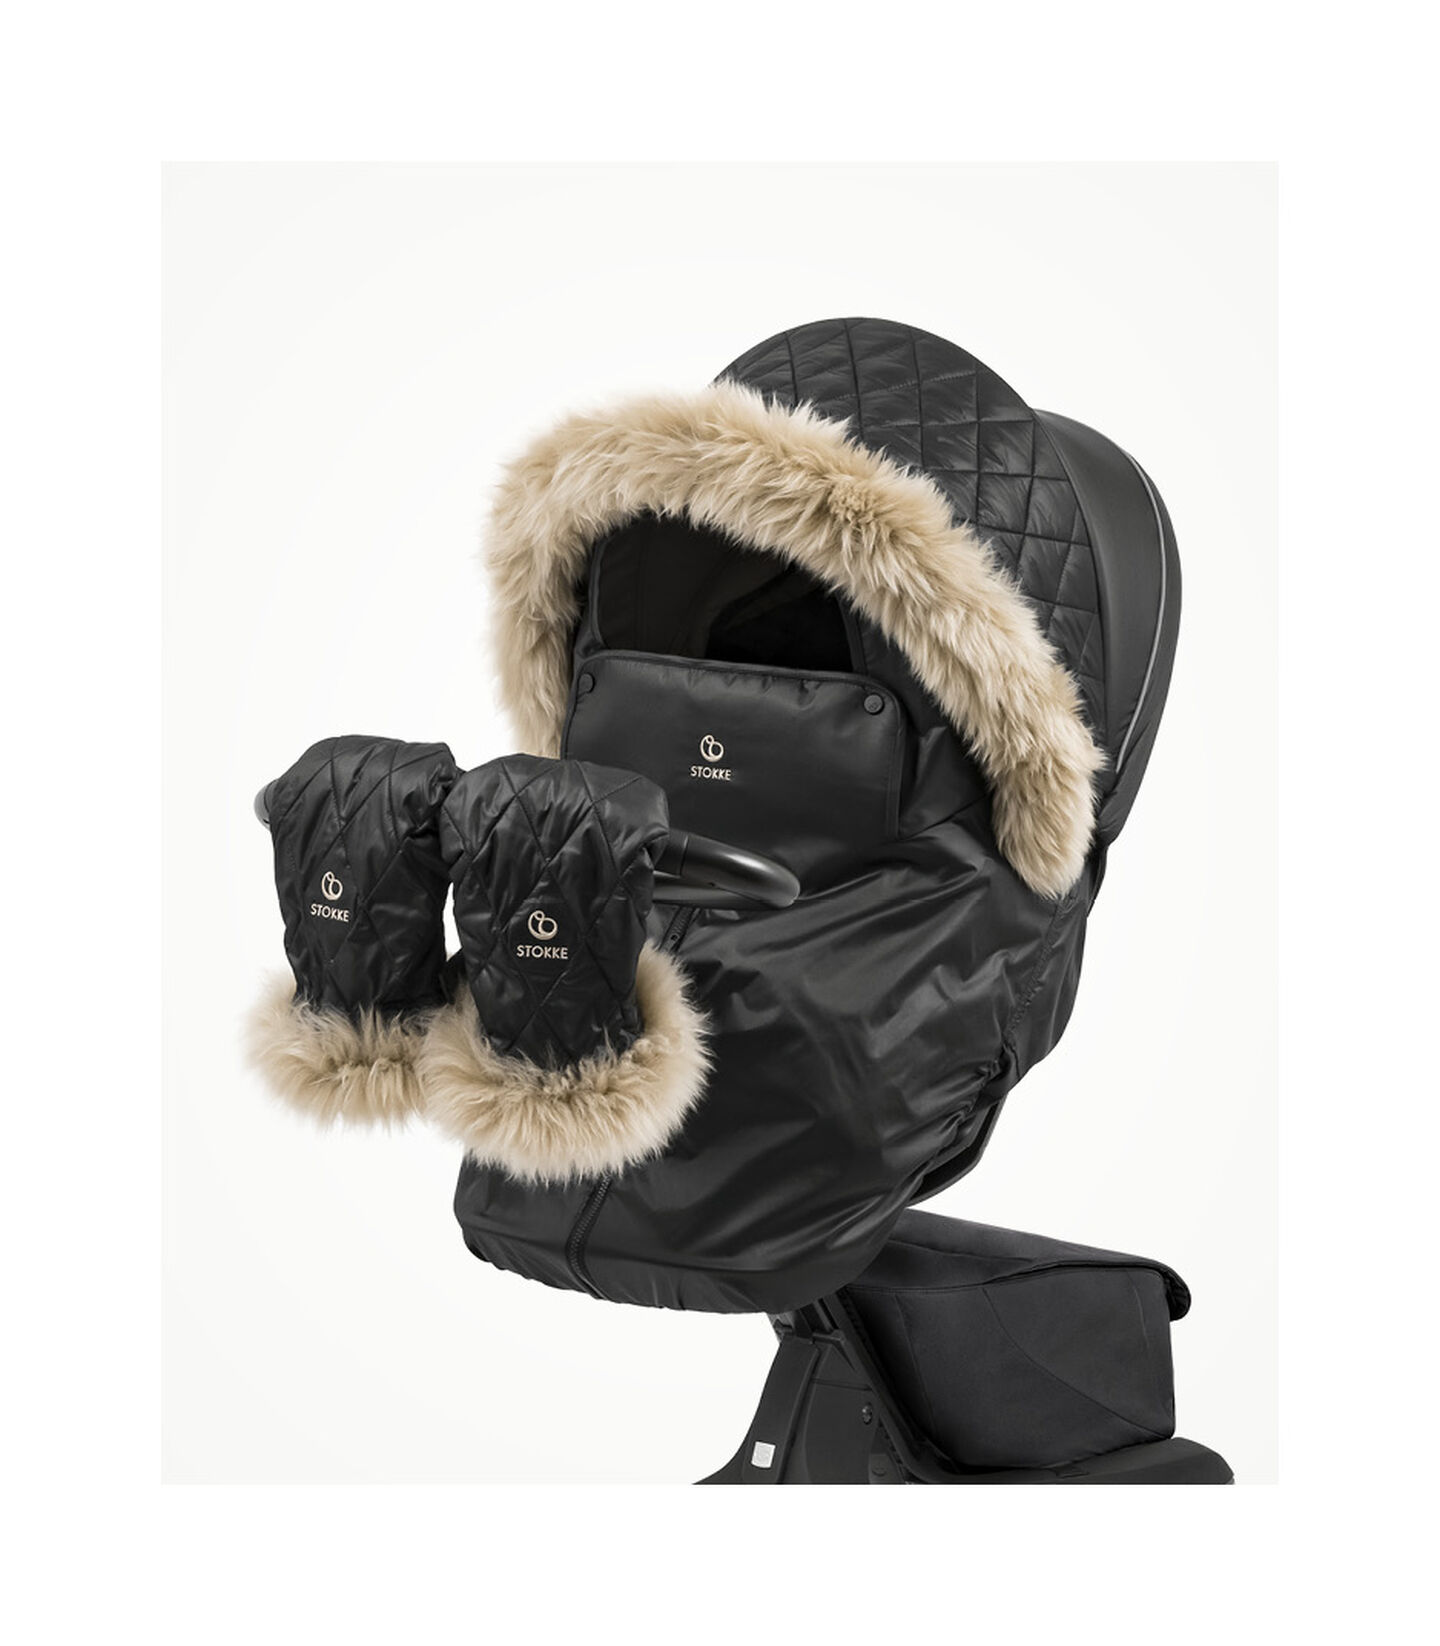 Kit d'hiver Stokke® Xplory® X Noir, Noir, mainview view 1